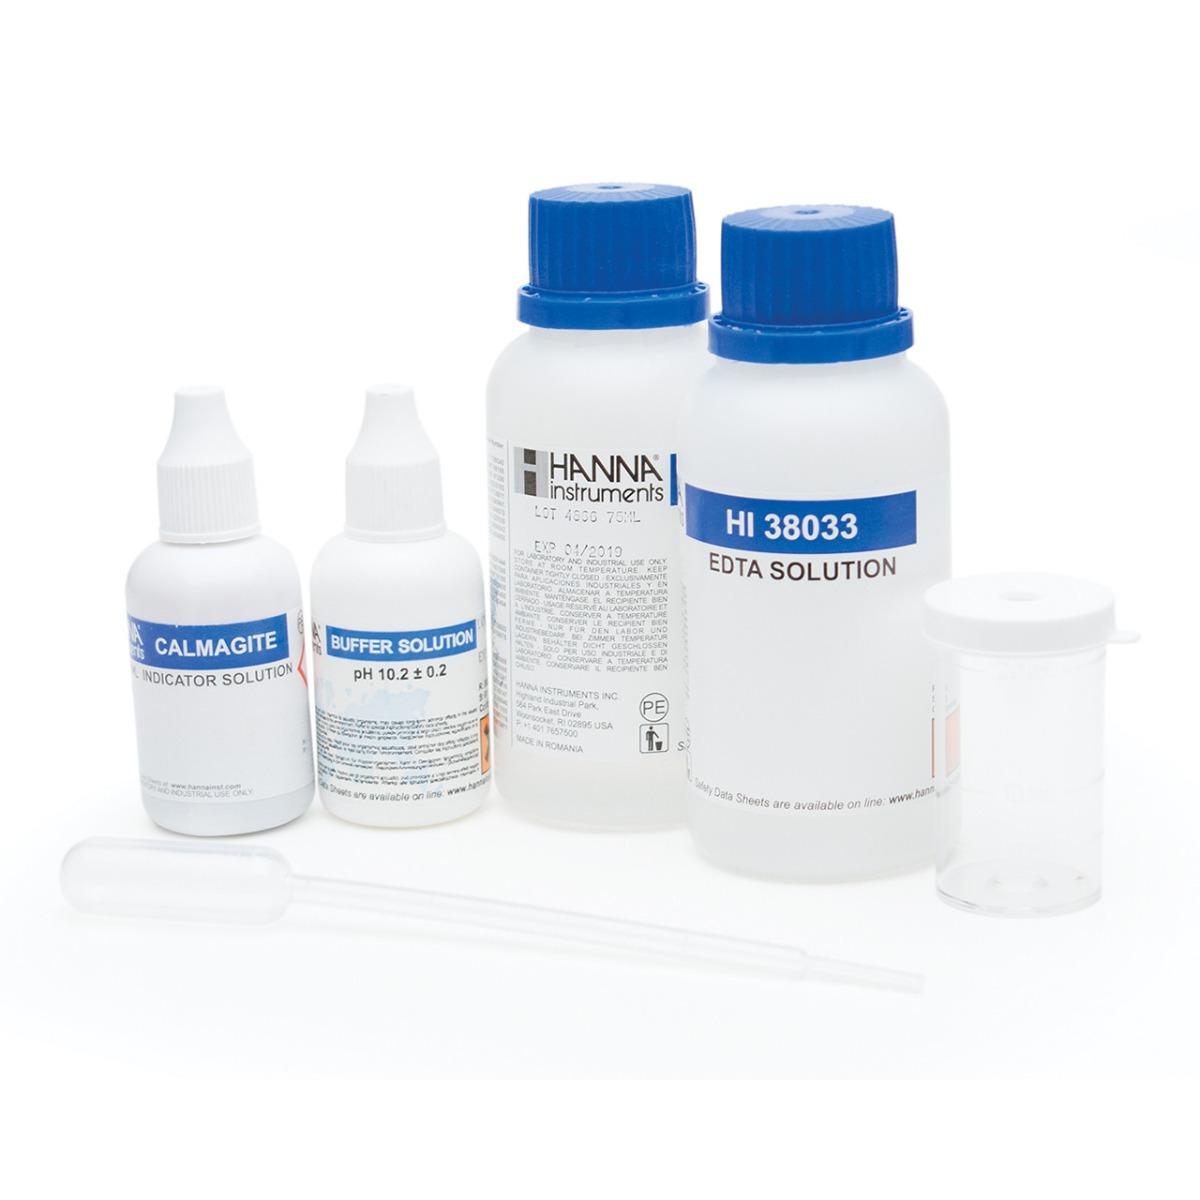 Kit per analisi della durezza totale - HI38033